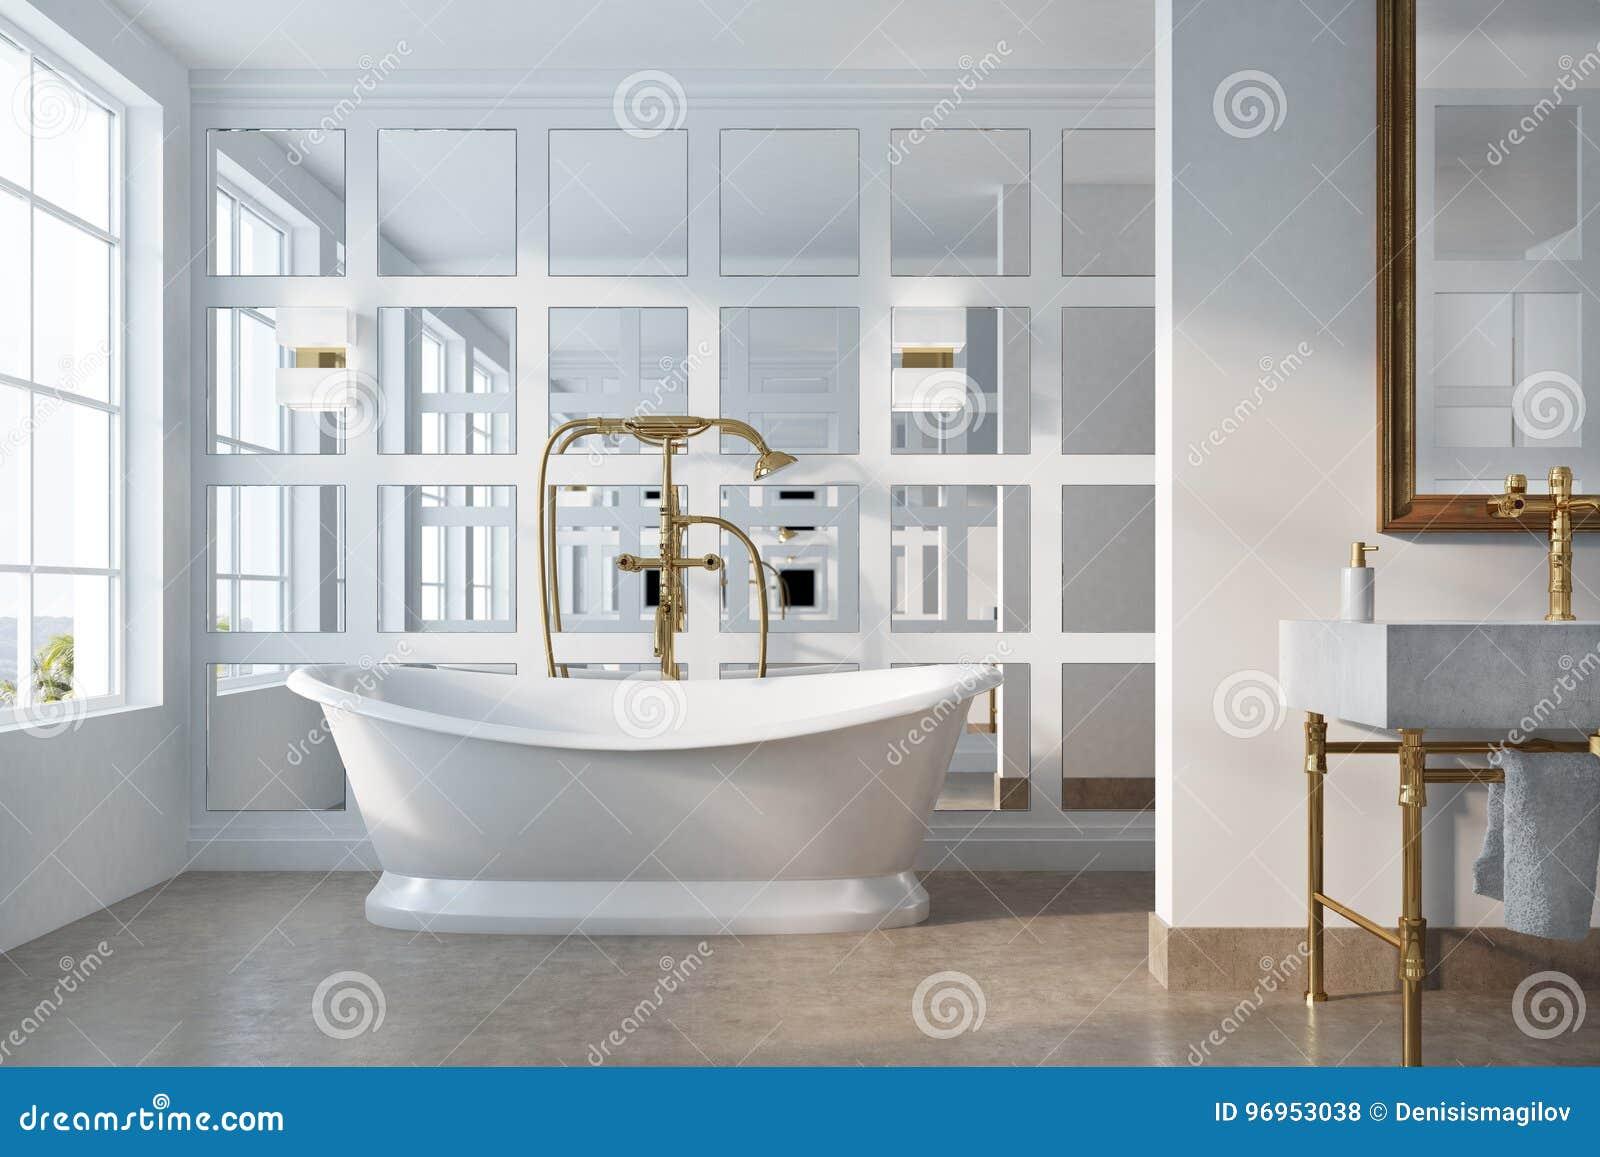 Interieur De Salle Bains Vintage Avec Une Baignoire Blanche Douche Dor Un Miroir Encadre Sur Mur Et Verre Concept Luxe